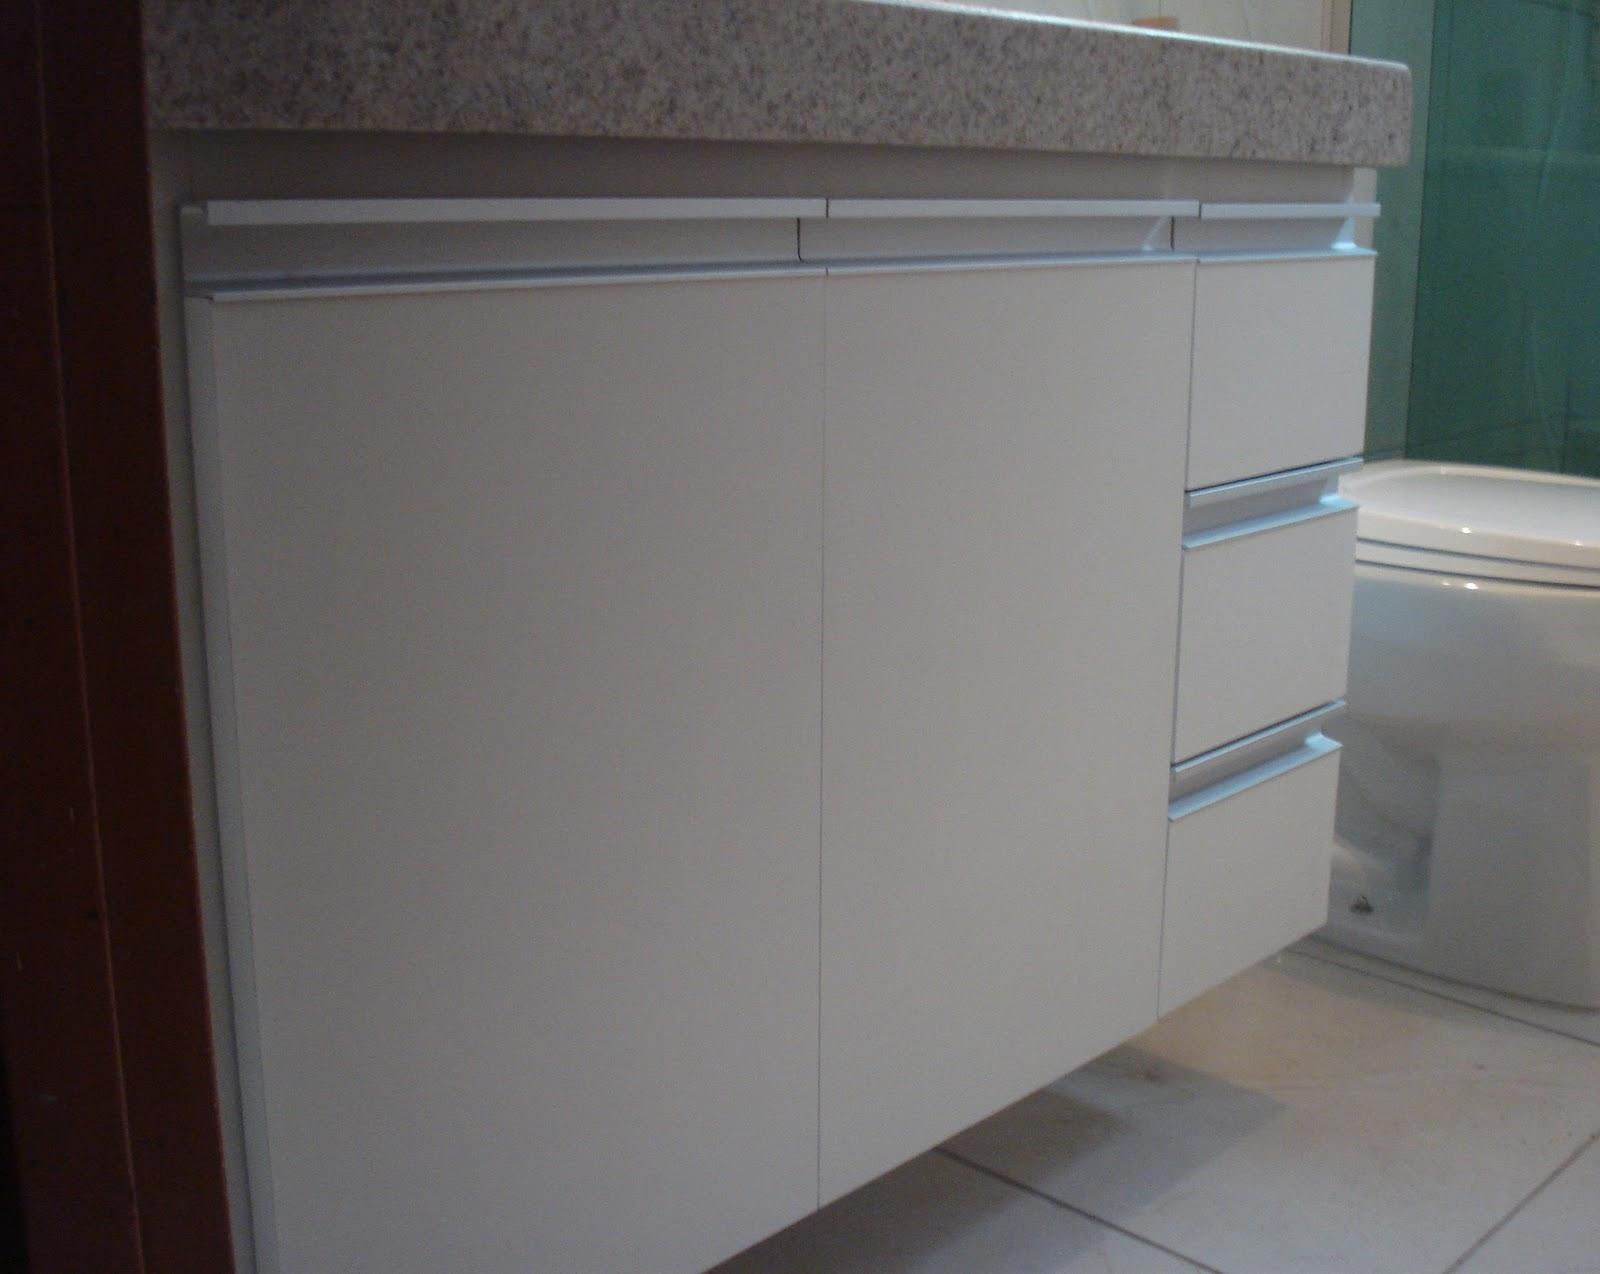 : Armário de Banheiro Branco com Puxadores em Perfil de Alumínio #3A5651 1600x1274 Armario Banheiro Branco